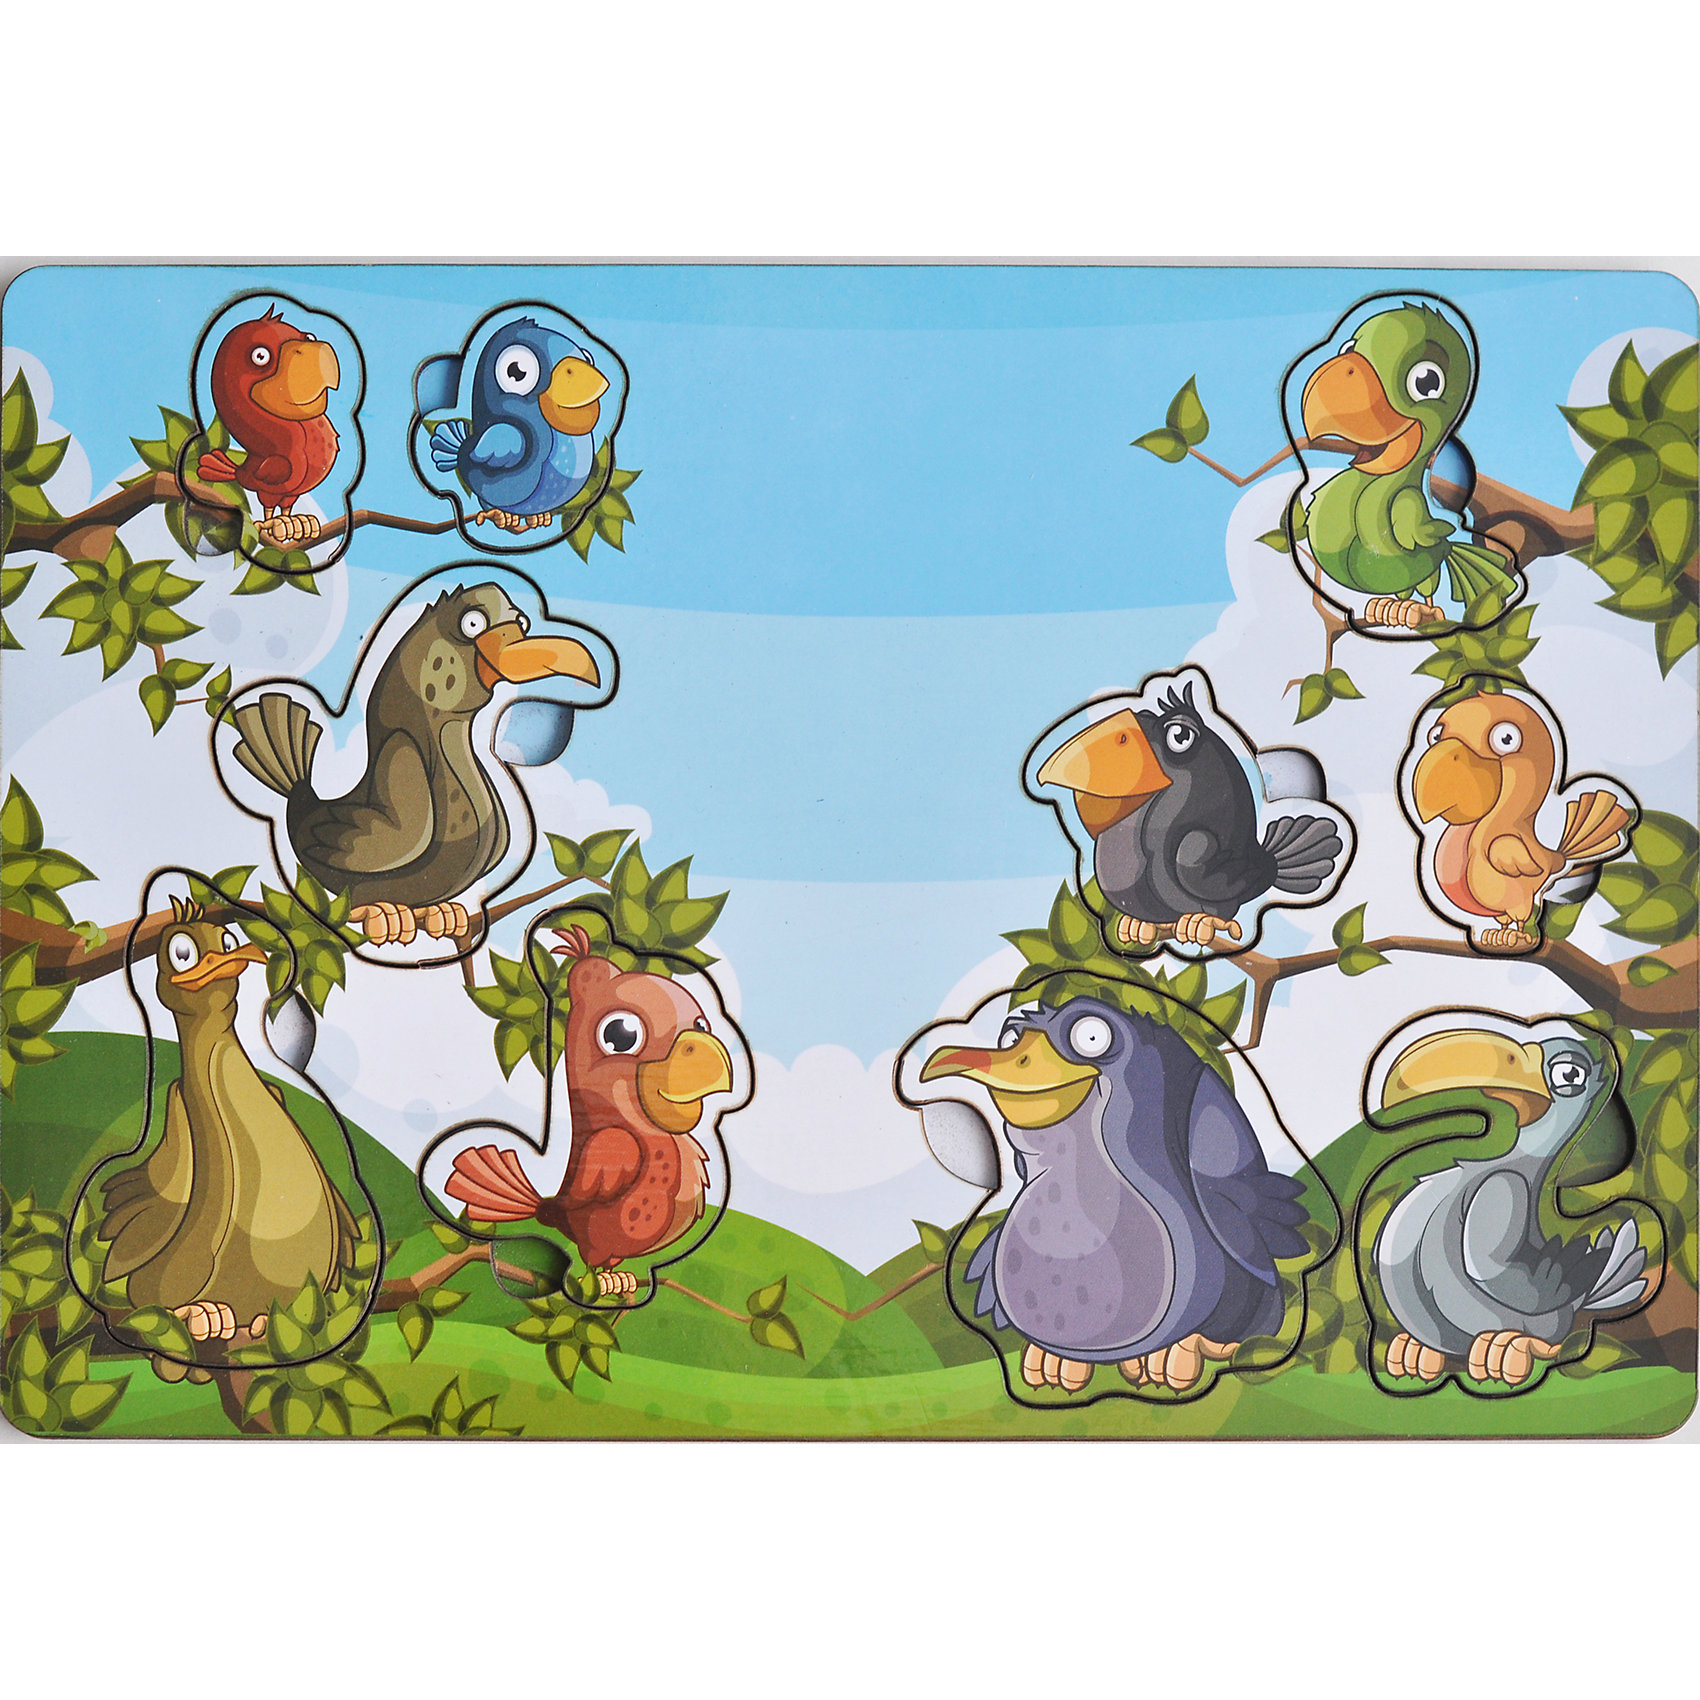 Развивающая рамка-вкладыш  «Веселые птахи», Мастер игрушекРамки-вкладыши<br>Веселые птахи - яркая рамка-вкладыш, с помощью которого ребенок познакомится с забавными птичками, рассмотрит их, вытащив из ячеек и найдет им свой домик, вставив их обратно. Яркая картинка понравится малышу, а игра поможет развить мелкую моторику, координацию и обогатить словарный запас.<br><br>Дополнительная информация:<br>В комплекте: 10 вкладышей, рамка<br>Материал: дерево<br>Размер: 0,5х19,5х28 см<br>Вес: 260 грамм<br>Вы можете купить рамку-вкладыш Веселые птахи в нашем интернет-магазине.<br><br>Ширина мм: 280<br>Глубина мм: 5<br>Высота мм: 195<br>Вес г: 260<br>Возраст от месяцев: 36<br>Возраст до месяцев: 120<br>Пол: Унисекс<br>Возраст: Детский<br>SKU: 4953658